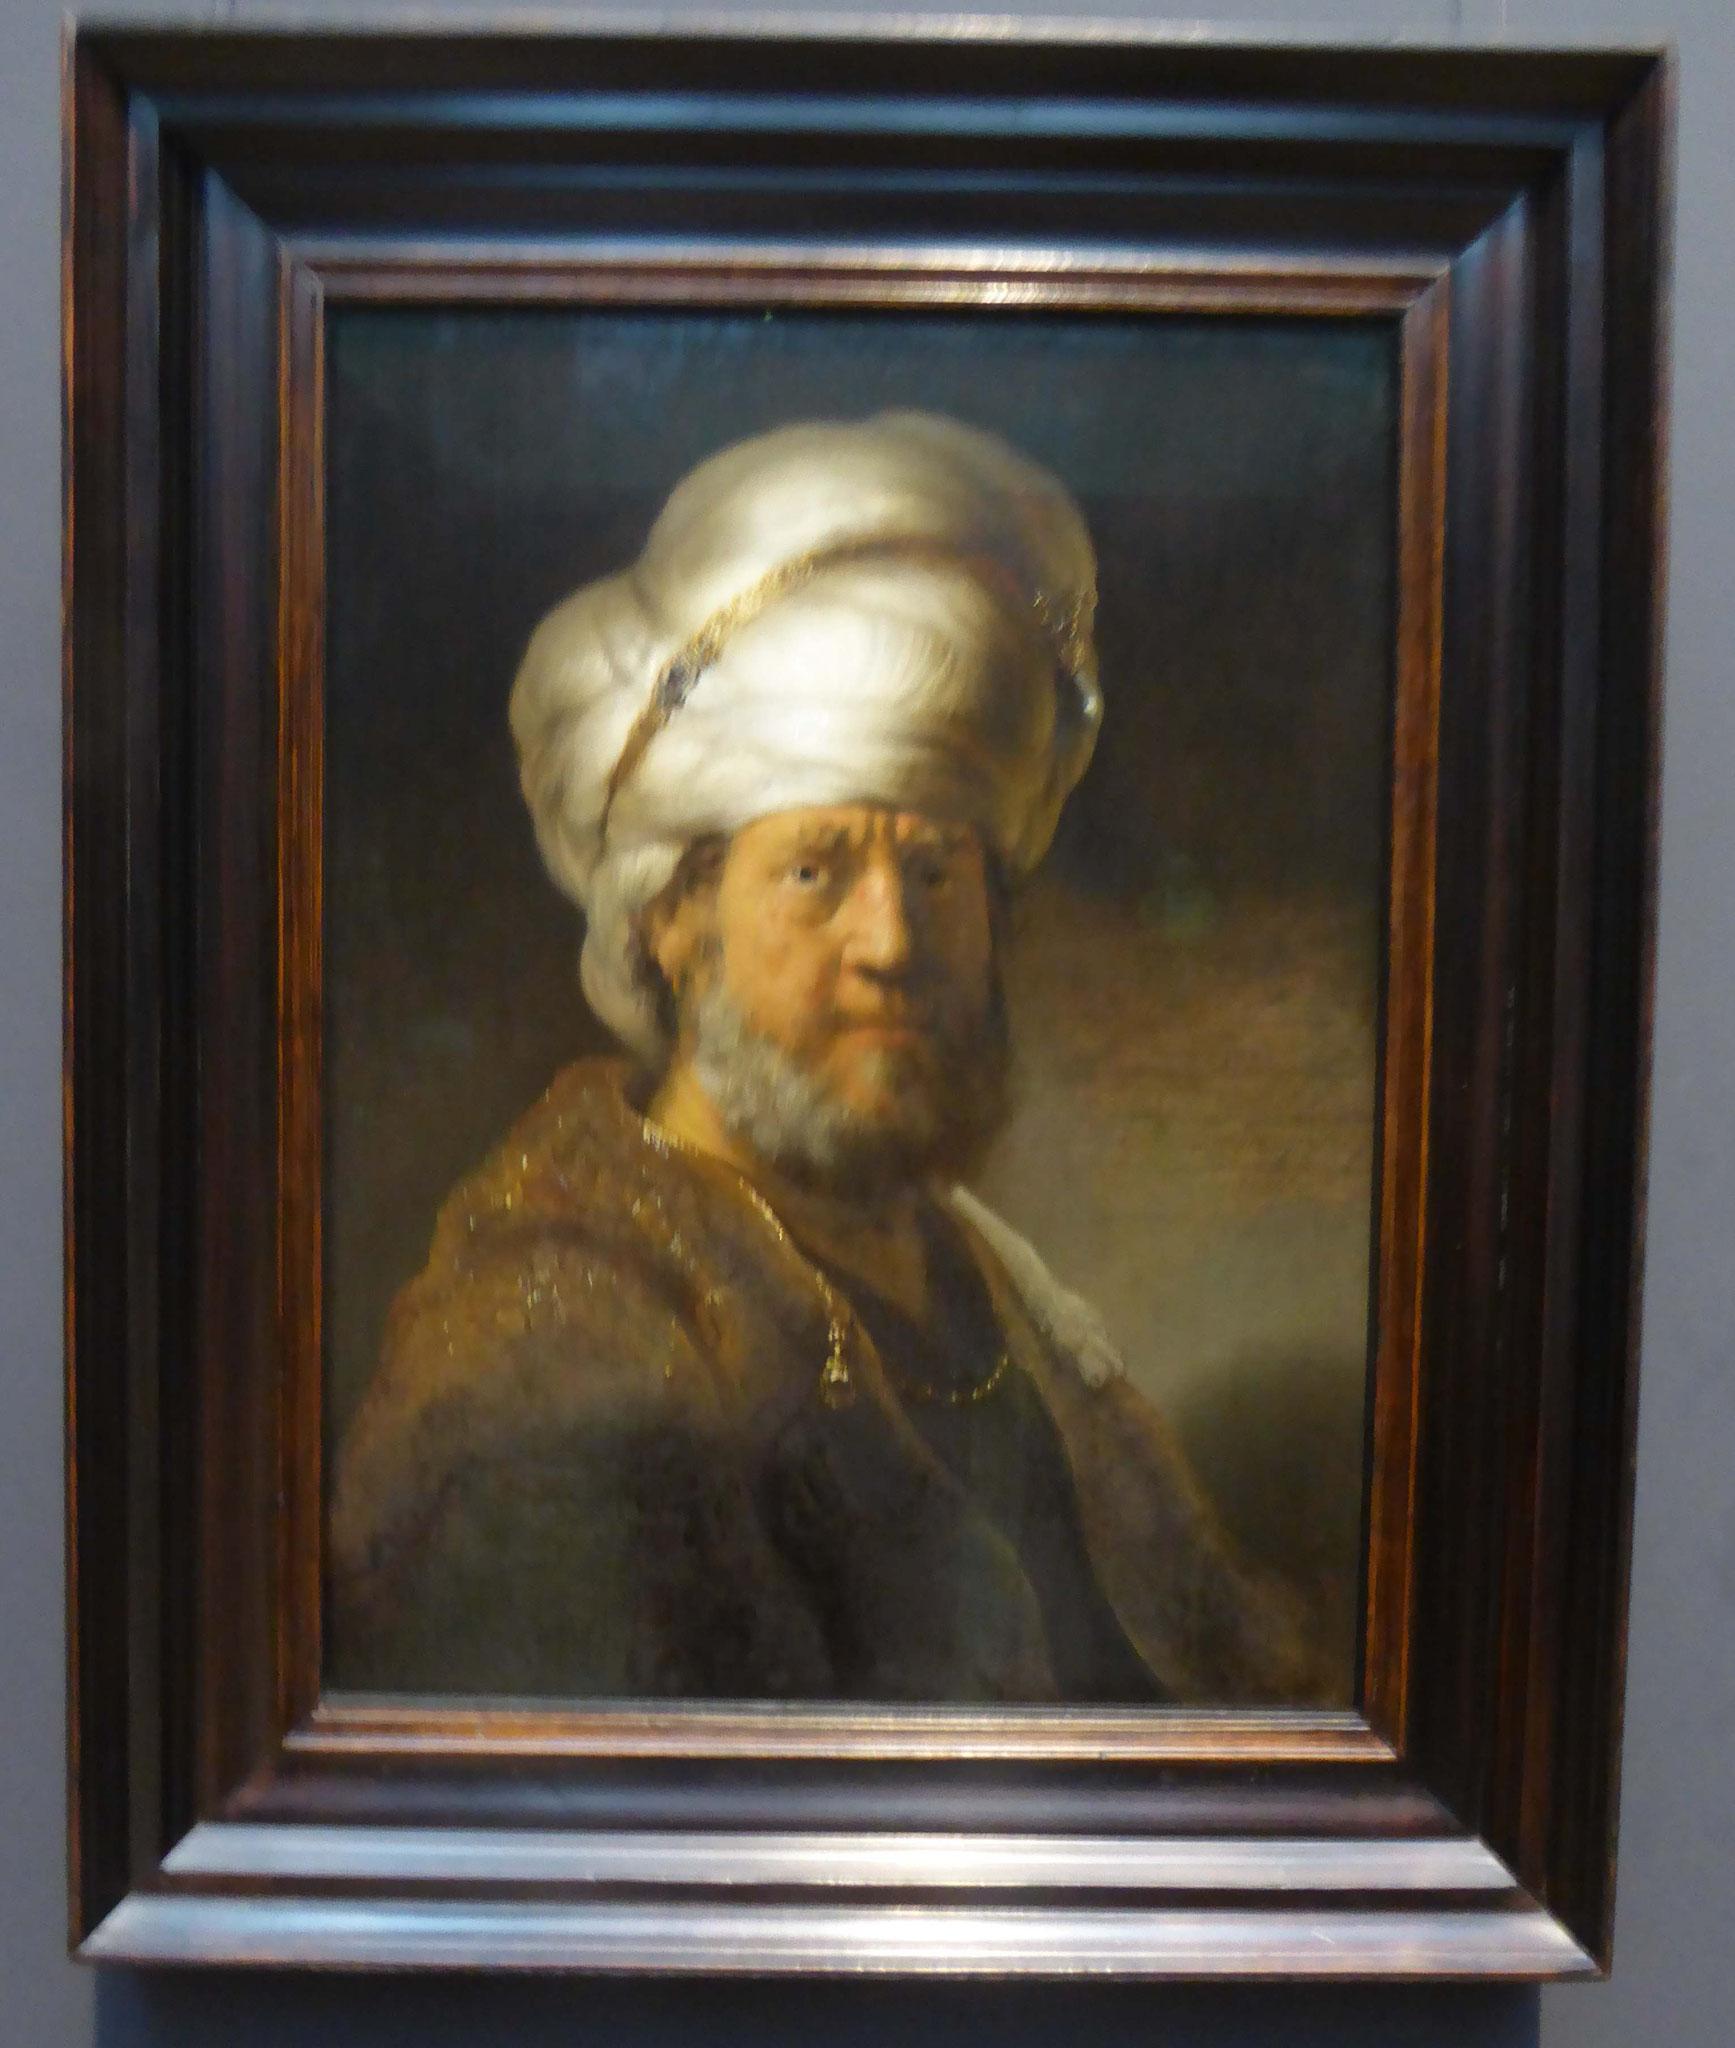 Rembrandt van Rijn, Rijksmuseum, Amsterdam